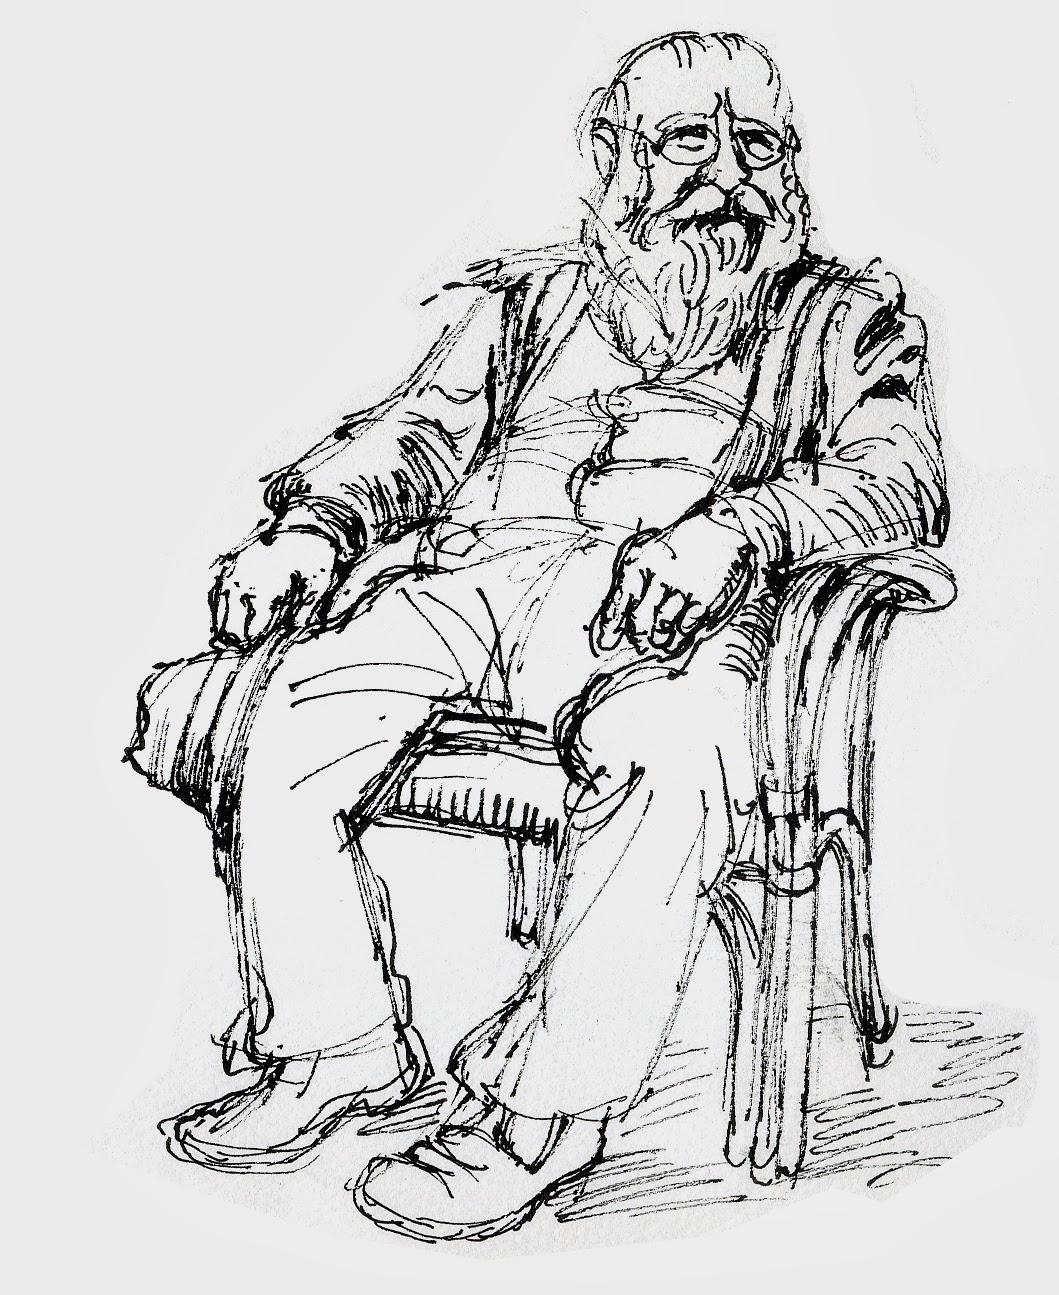 Hermann Nitsch, Portrait, Zeichnung, Mann, sitzend, Garten, Lehnstuhl, Prinzendorf, Blut, Künstler, Maler, drawing, line drawing, chair, old man